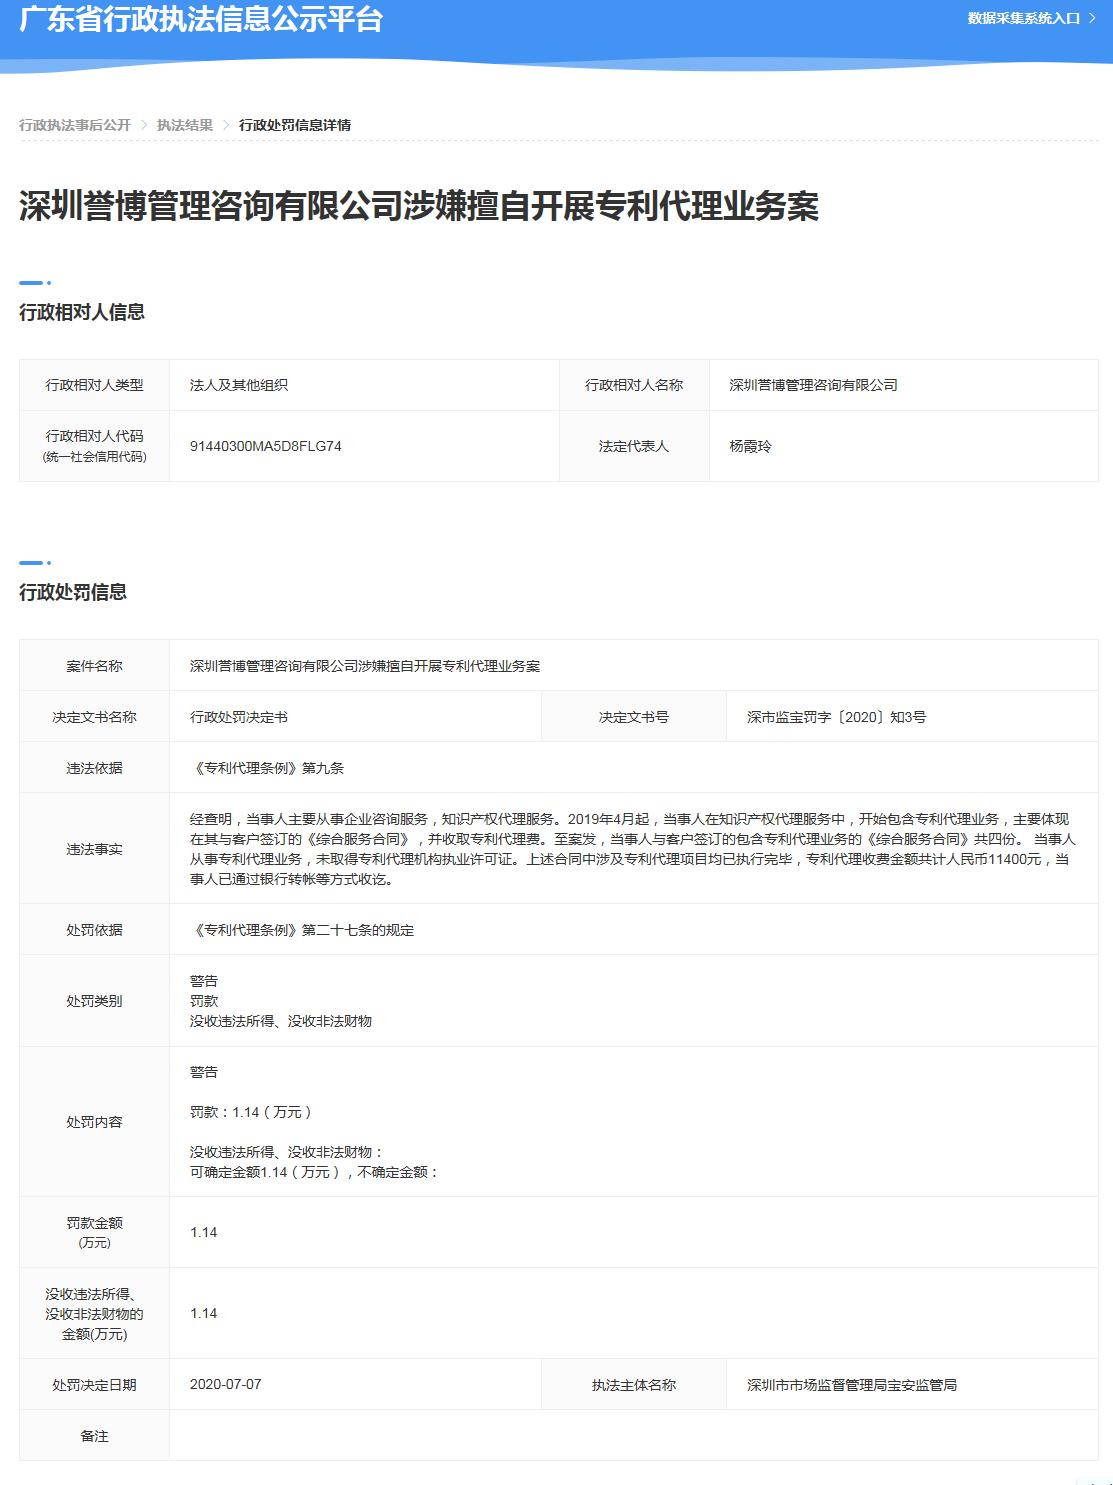 擅自开展专利代理业务!深圳一公司被罚1.14万元